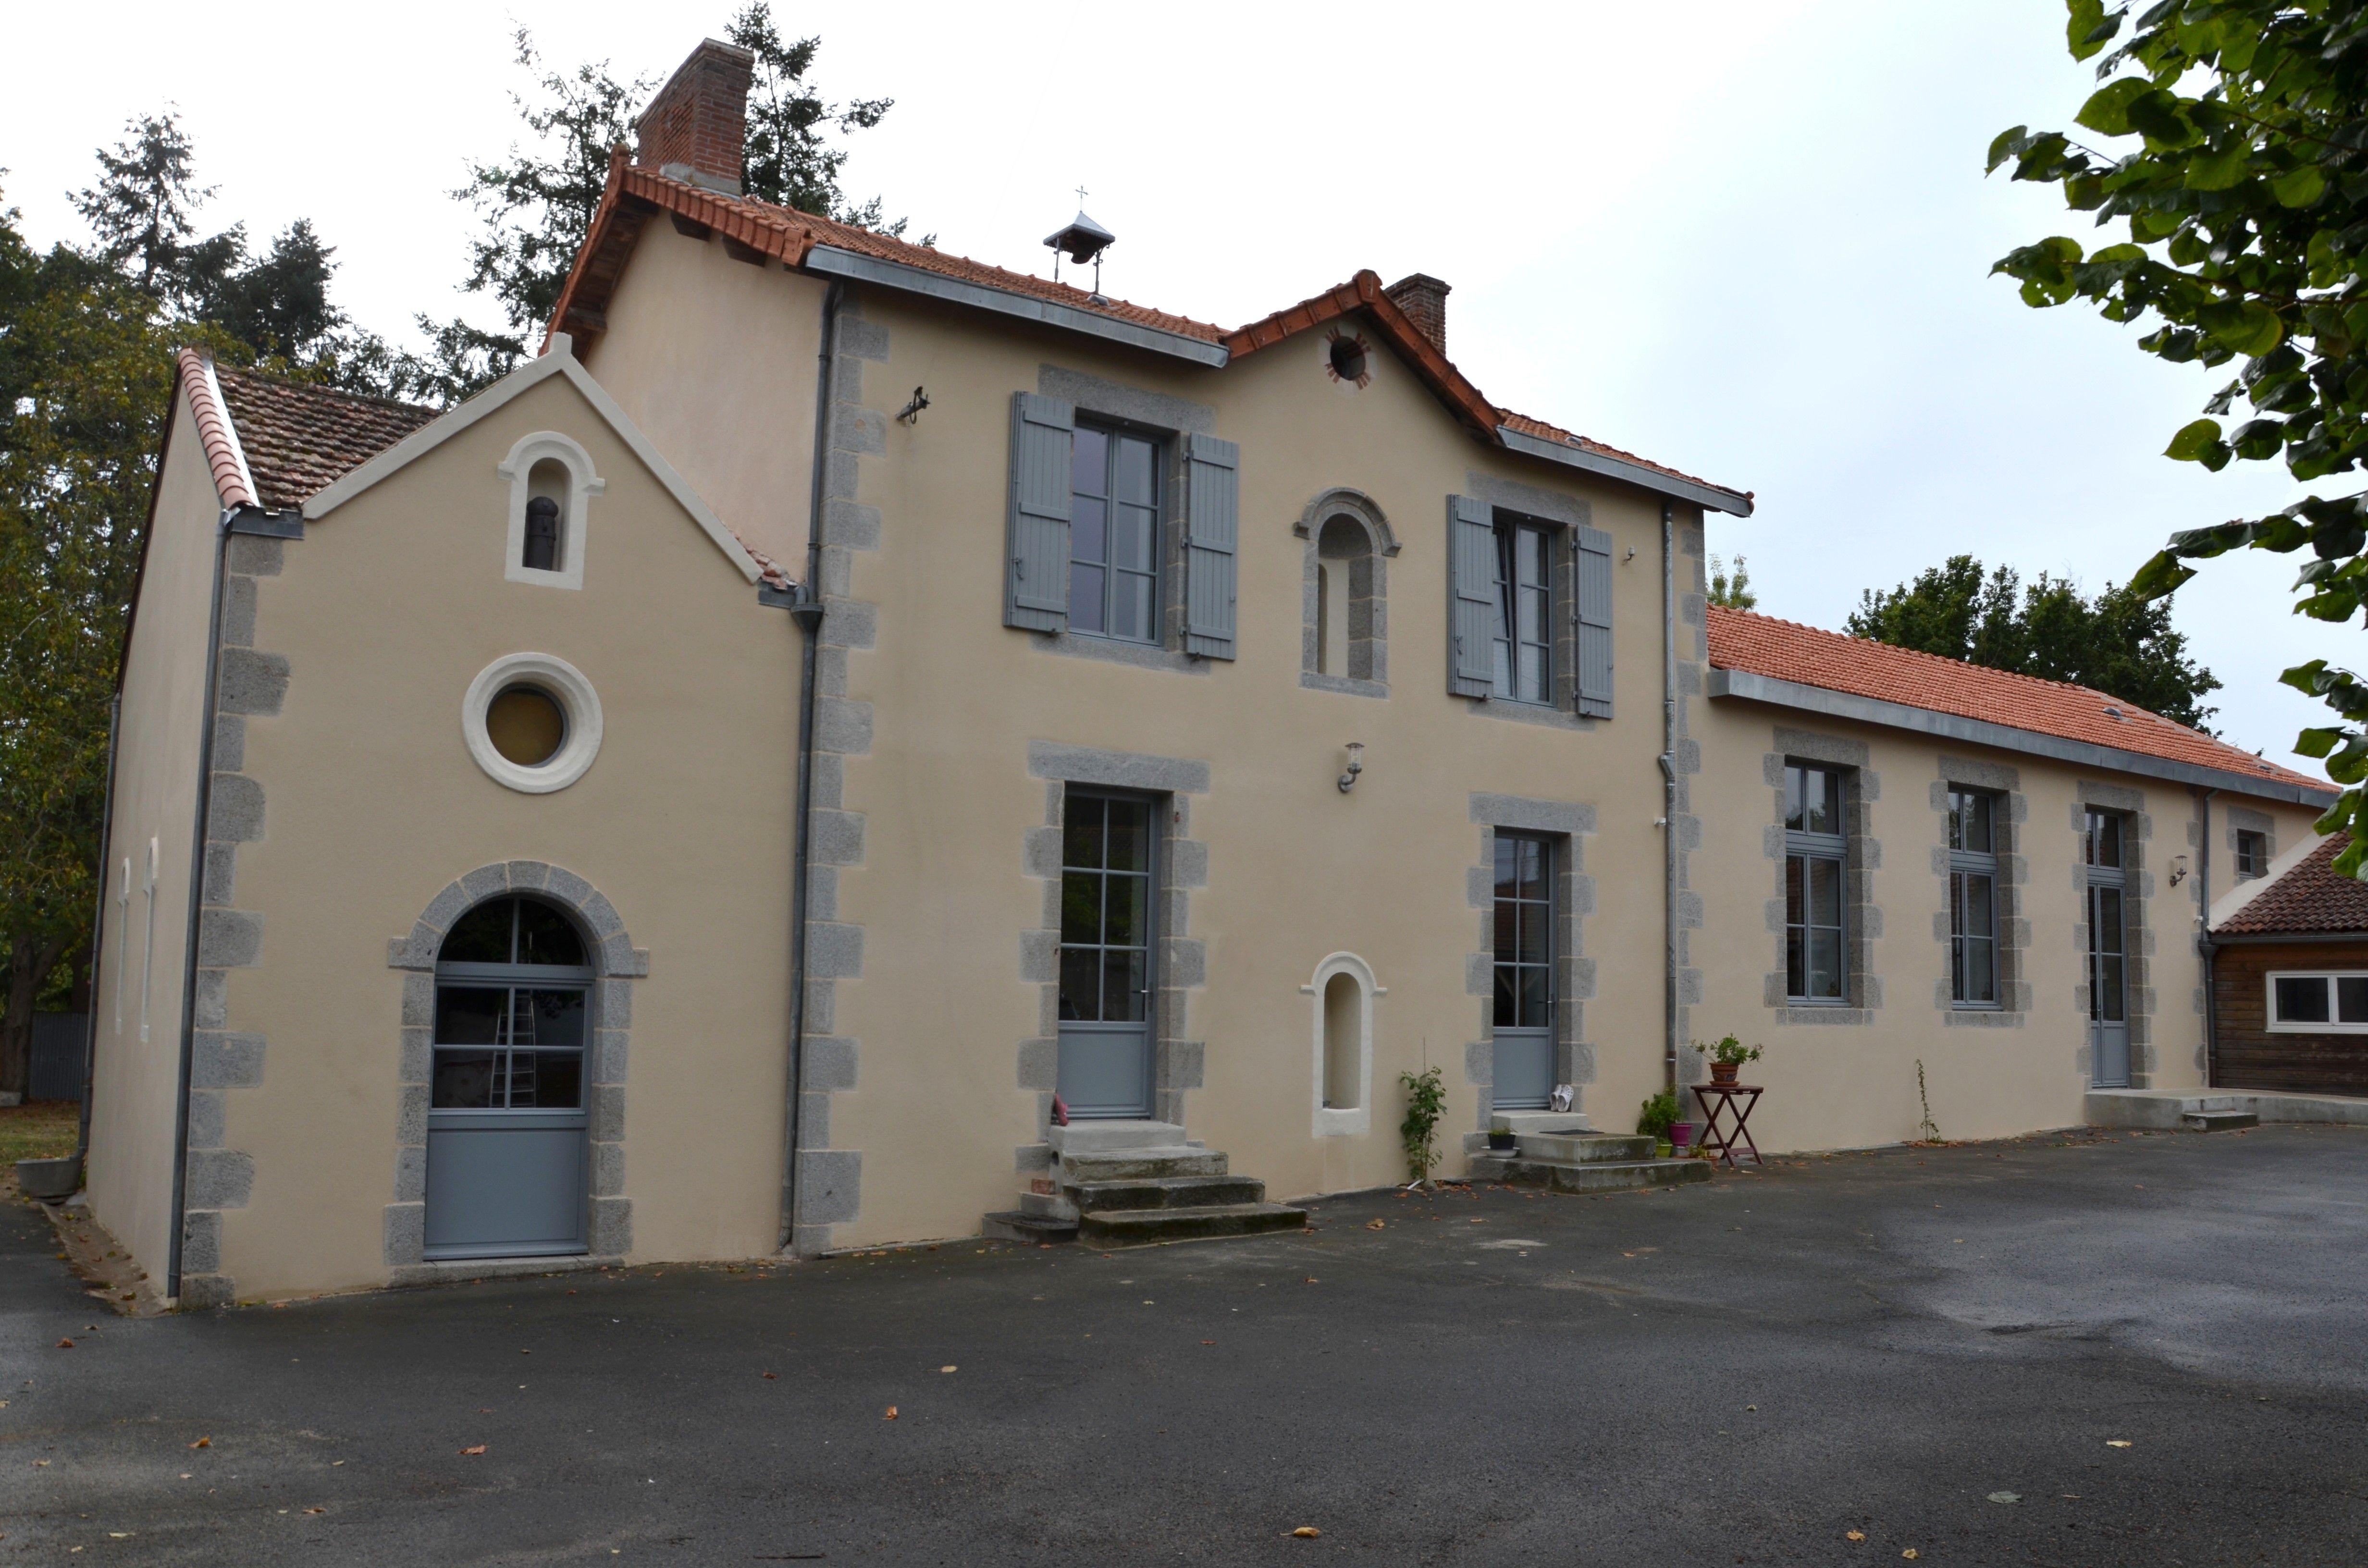 RÉNOVATION ancienne école en habitation et chambres d'hôtes